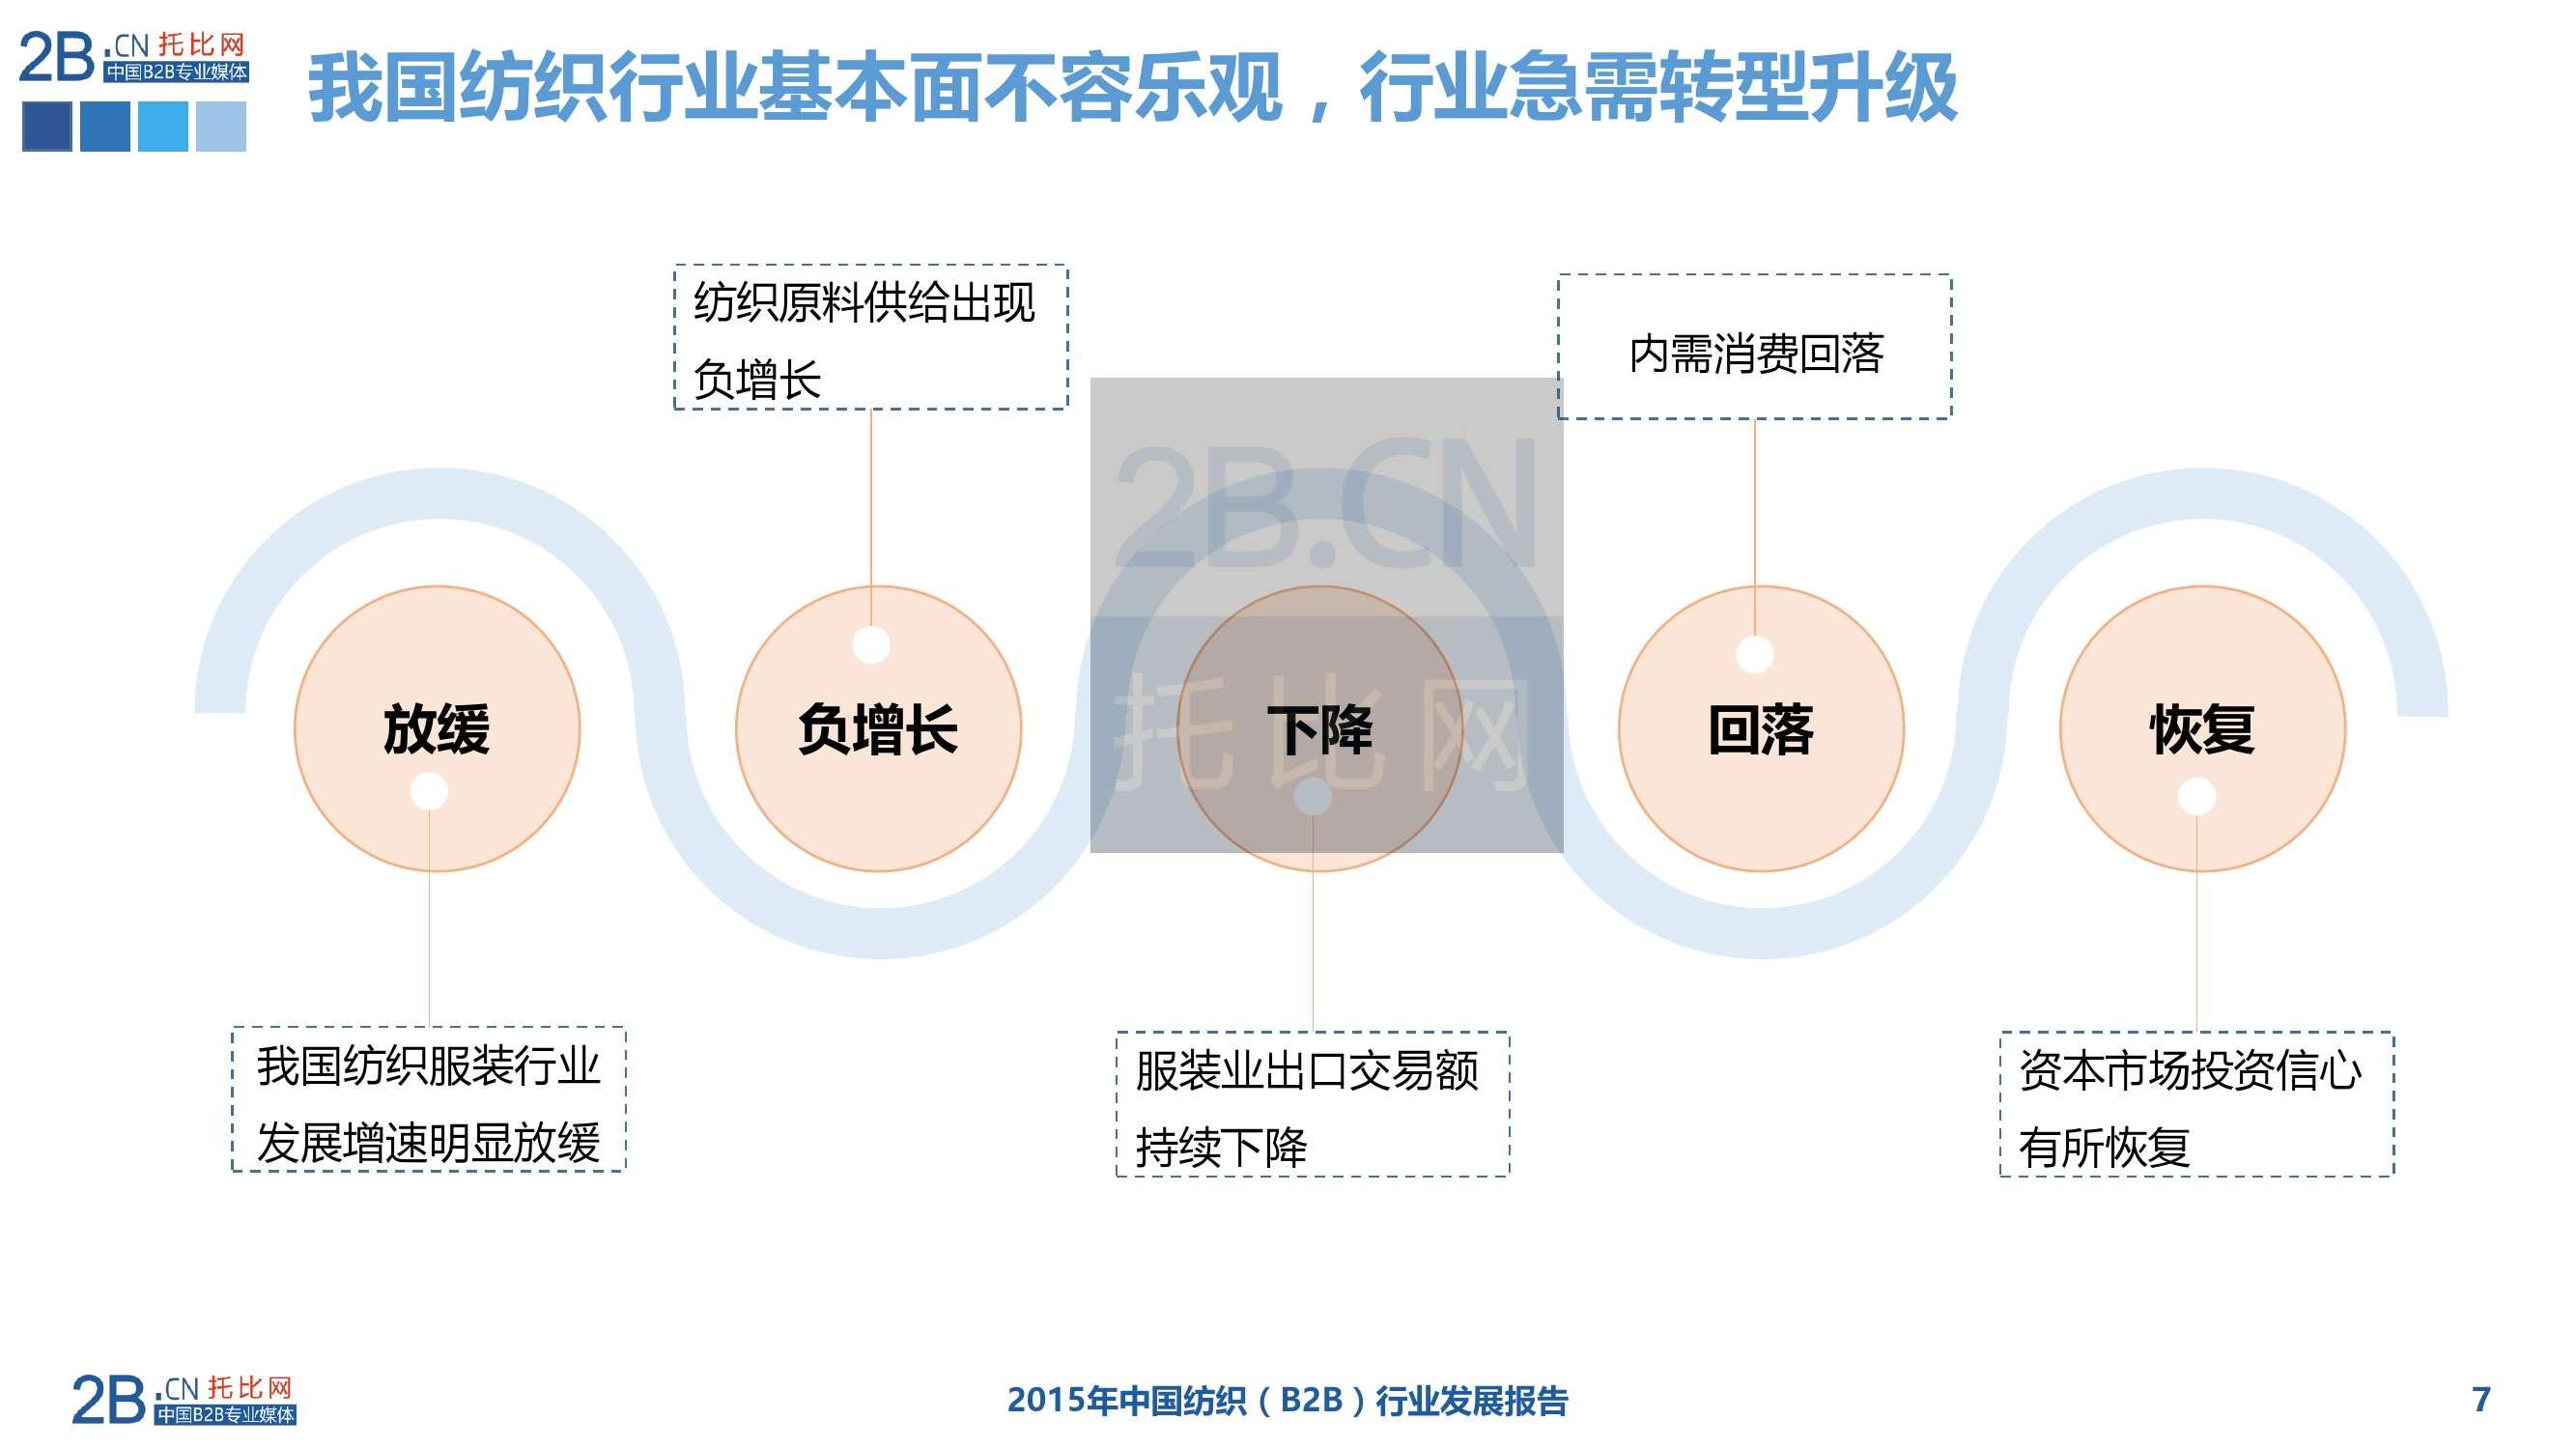 2015年中国纺织服装B2B行业发展报告_000007